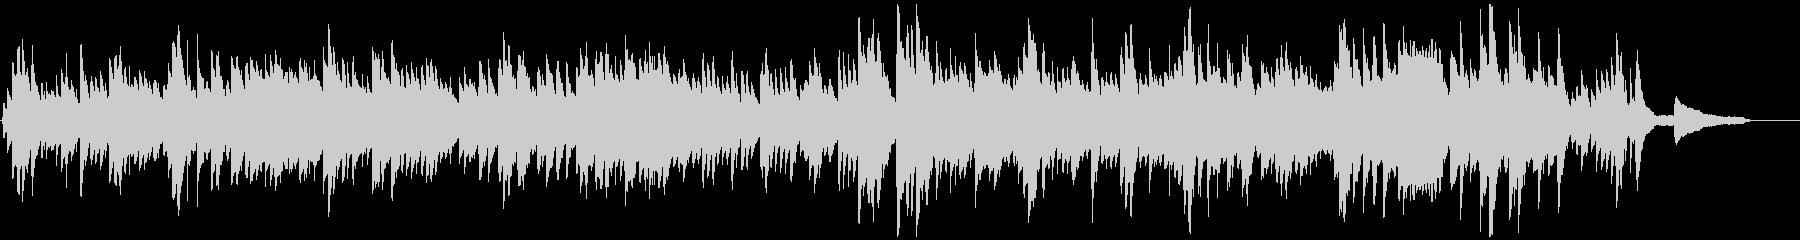 Lovely Adagioの未再生の波形